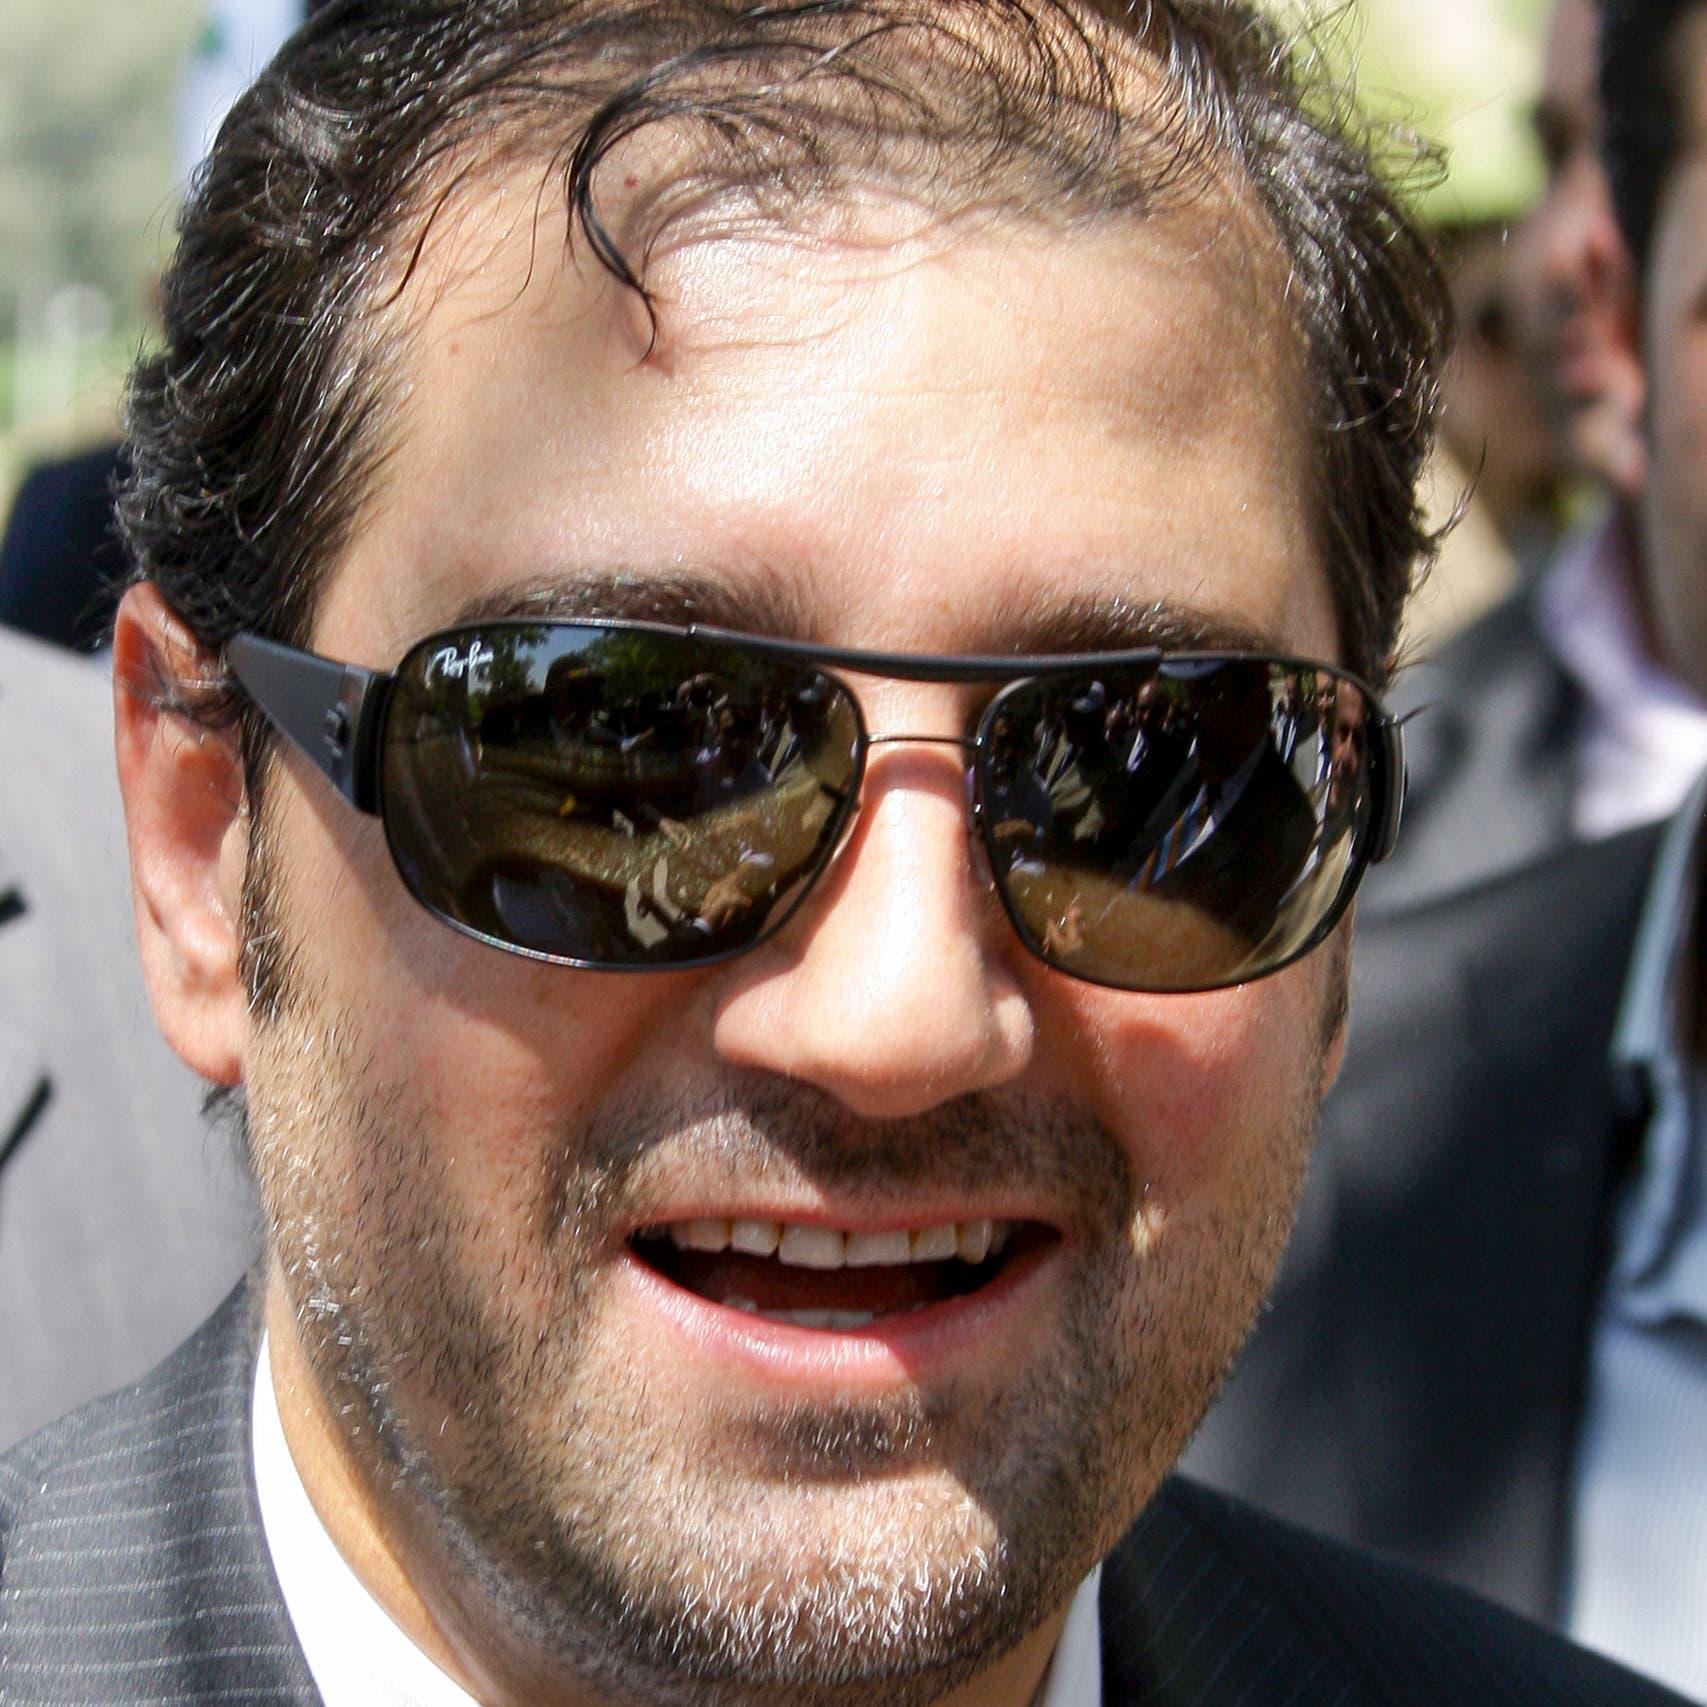 ضربة عنيفة ثالثة من بشار الأسد لابن خاله رامي مخلوف